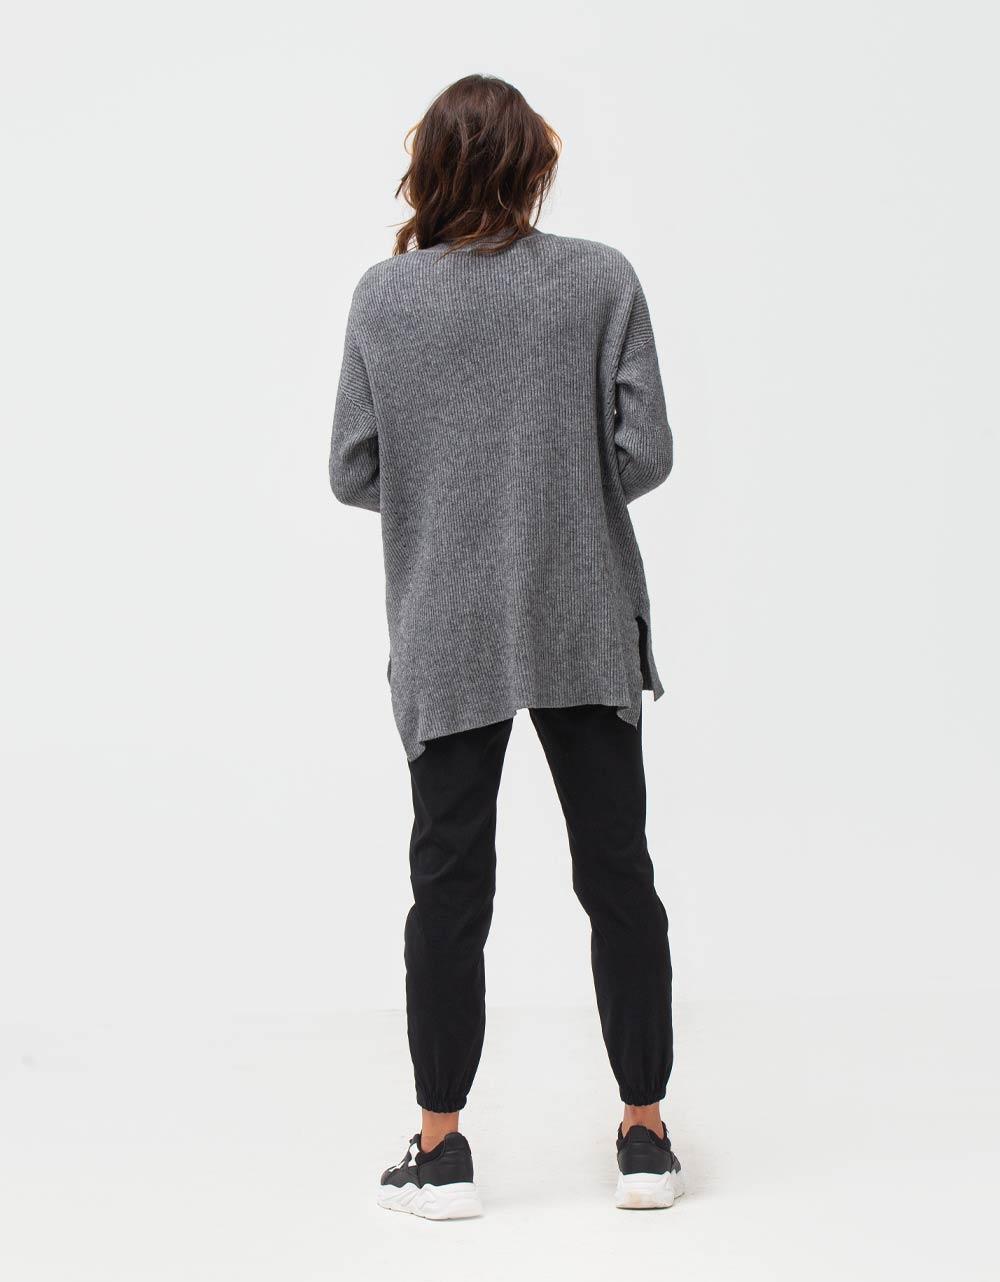 Εικόνα από Γυναικεία μπλούζα μακριά σε ασύμμετρο σχέδιο Γκρι